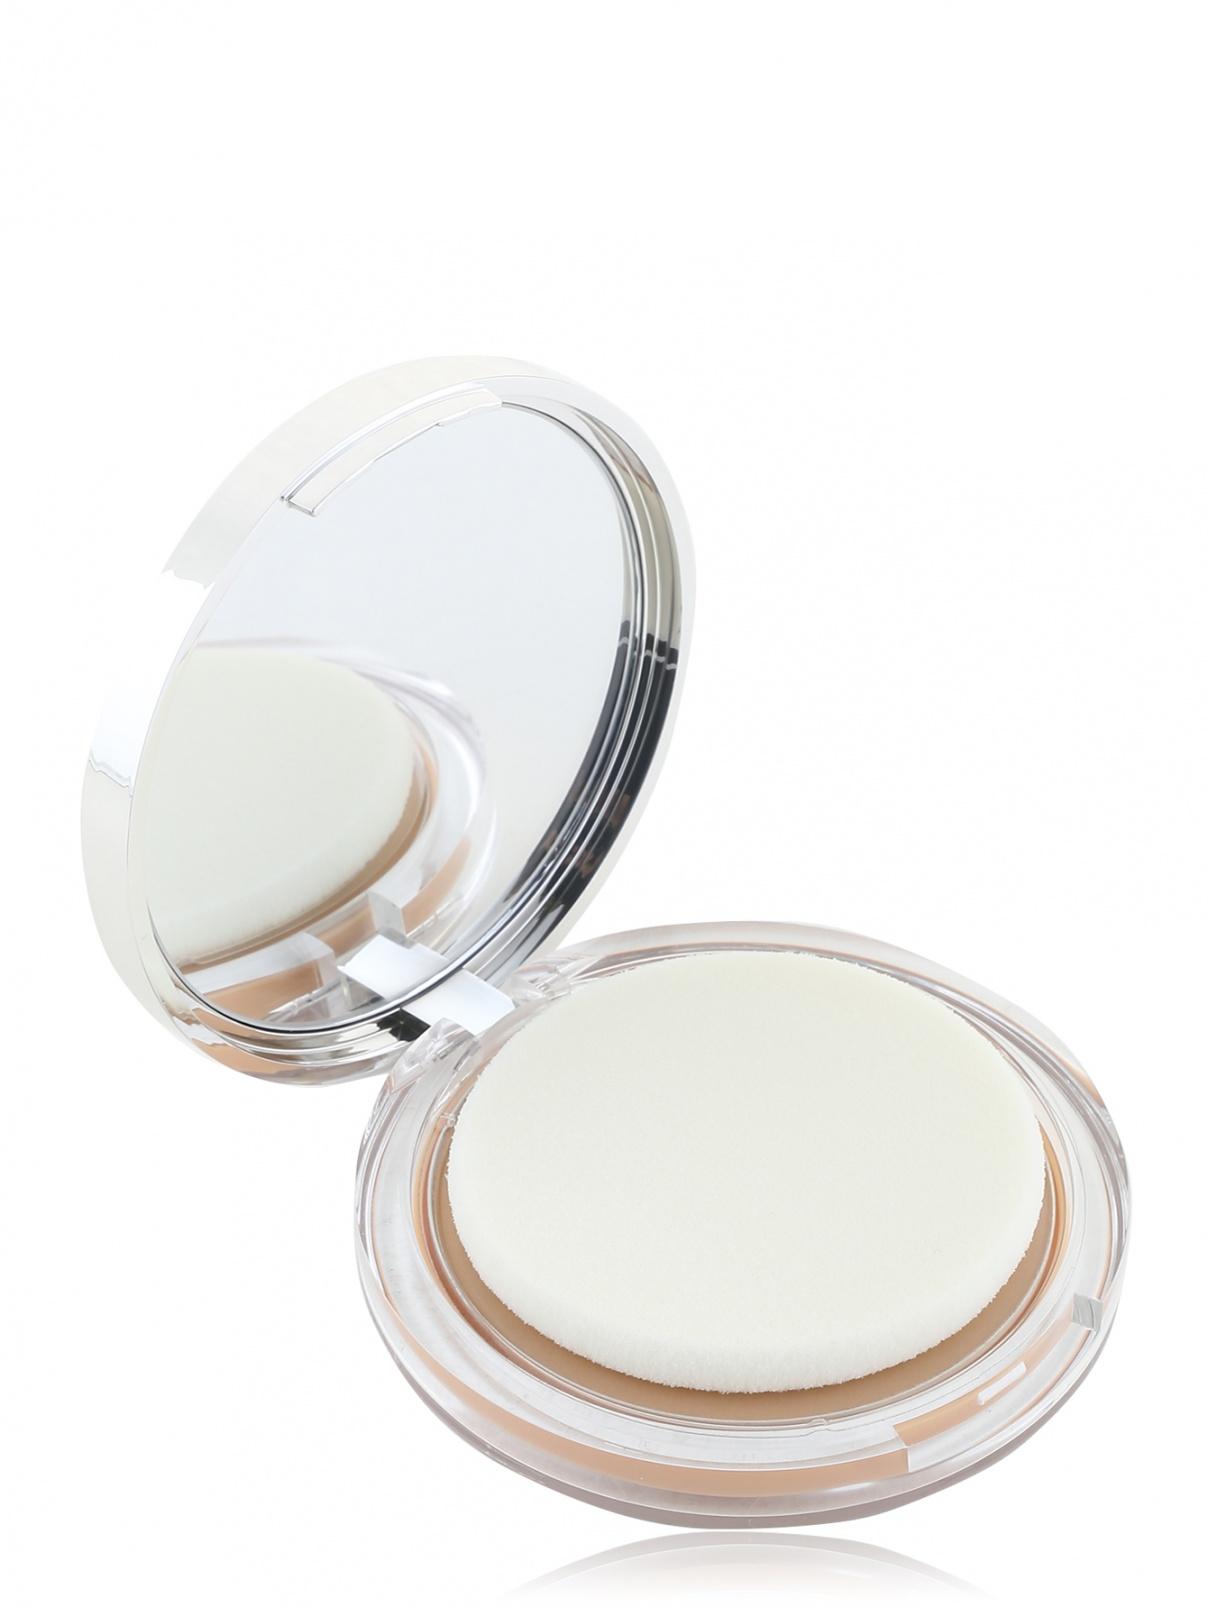 Легкая компактная пудра - №04 Neutral, Powders And Compacts Clinique  –  Общий вид